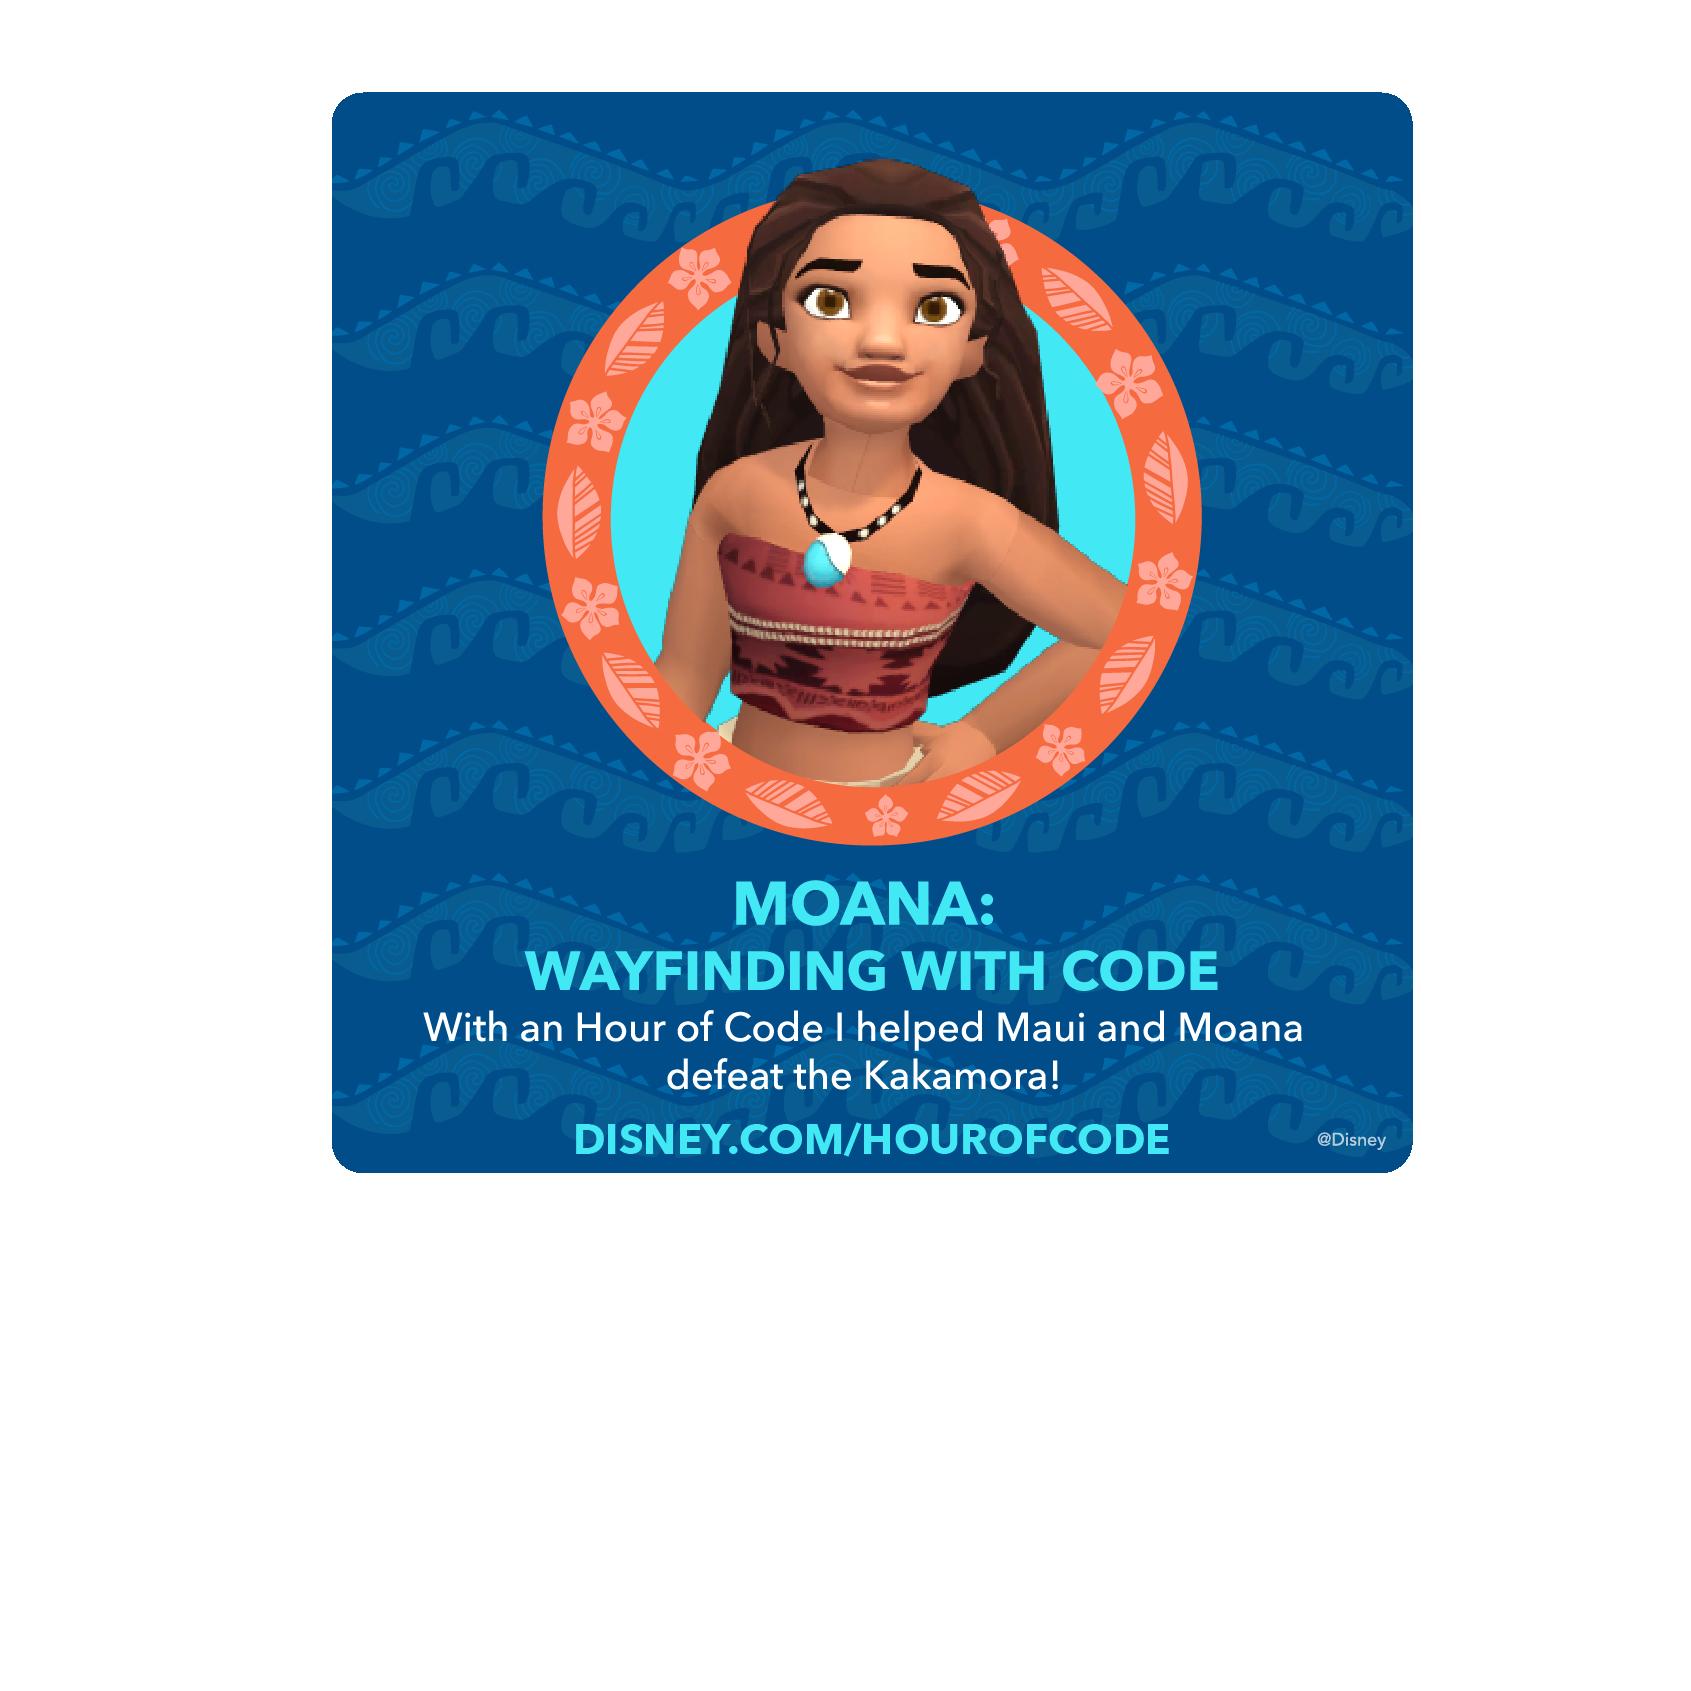 Moana moan island